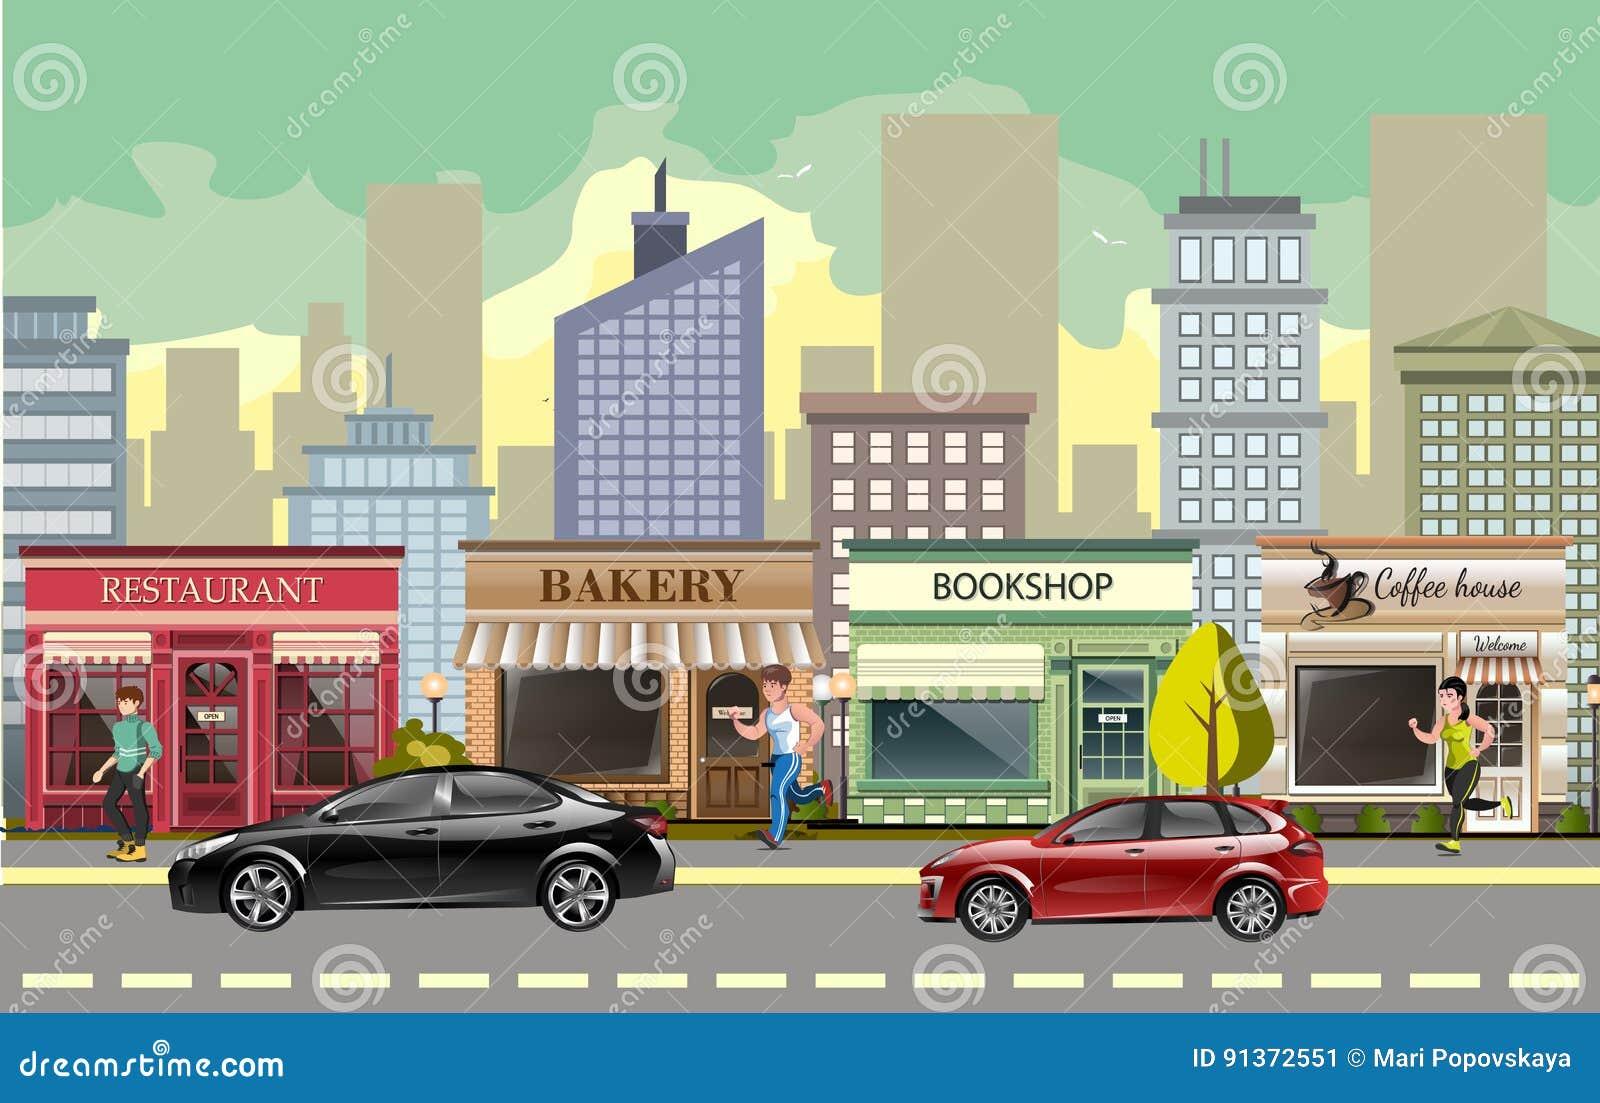 Rue de paysage avec des voitures